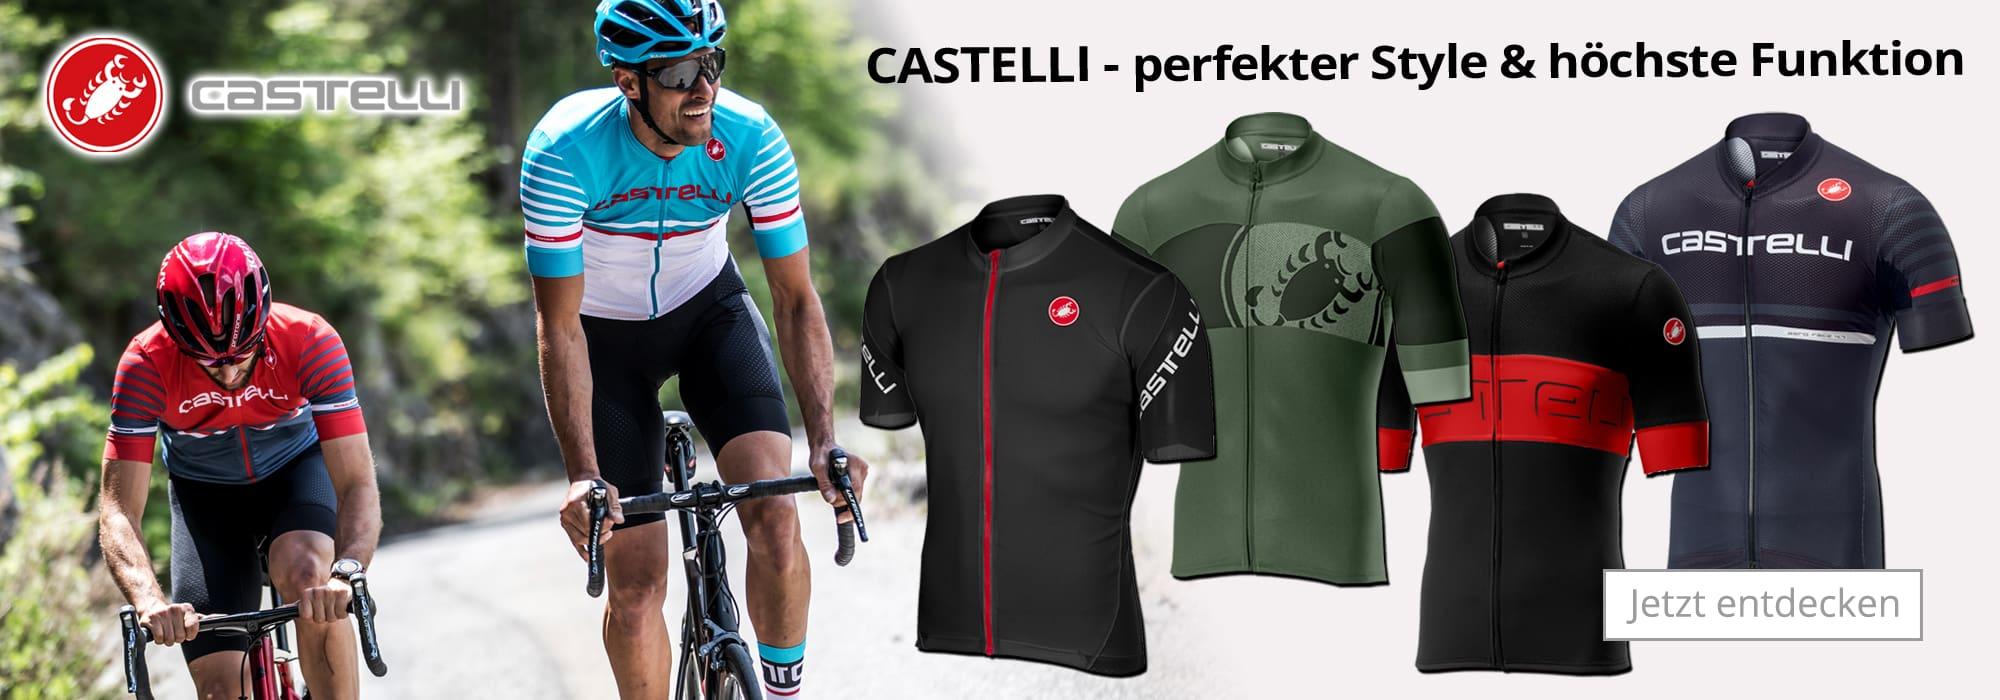 Castelli - Die neue Kollektion 2019